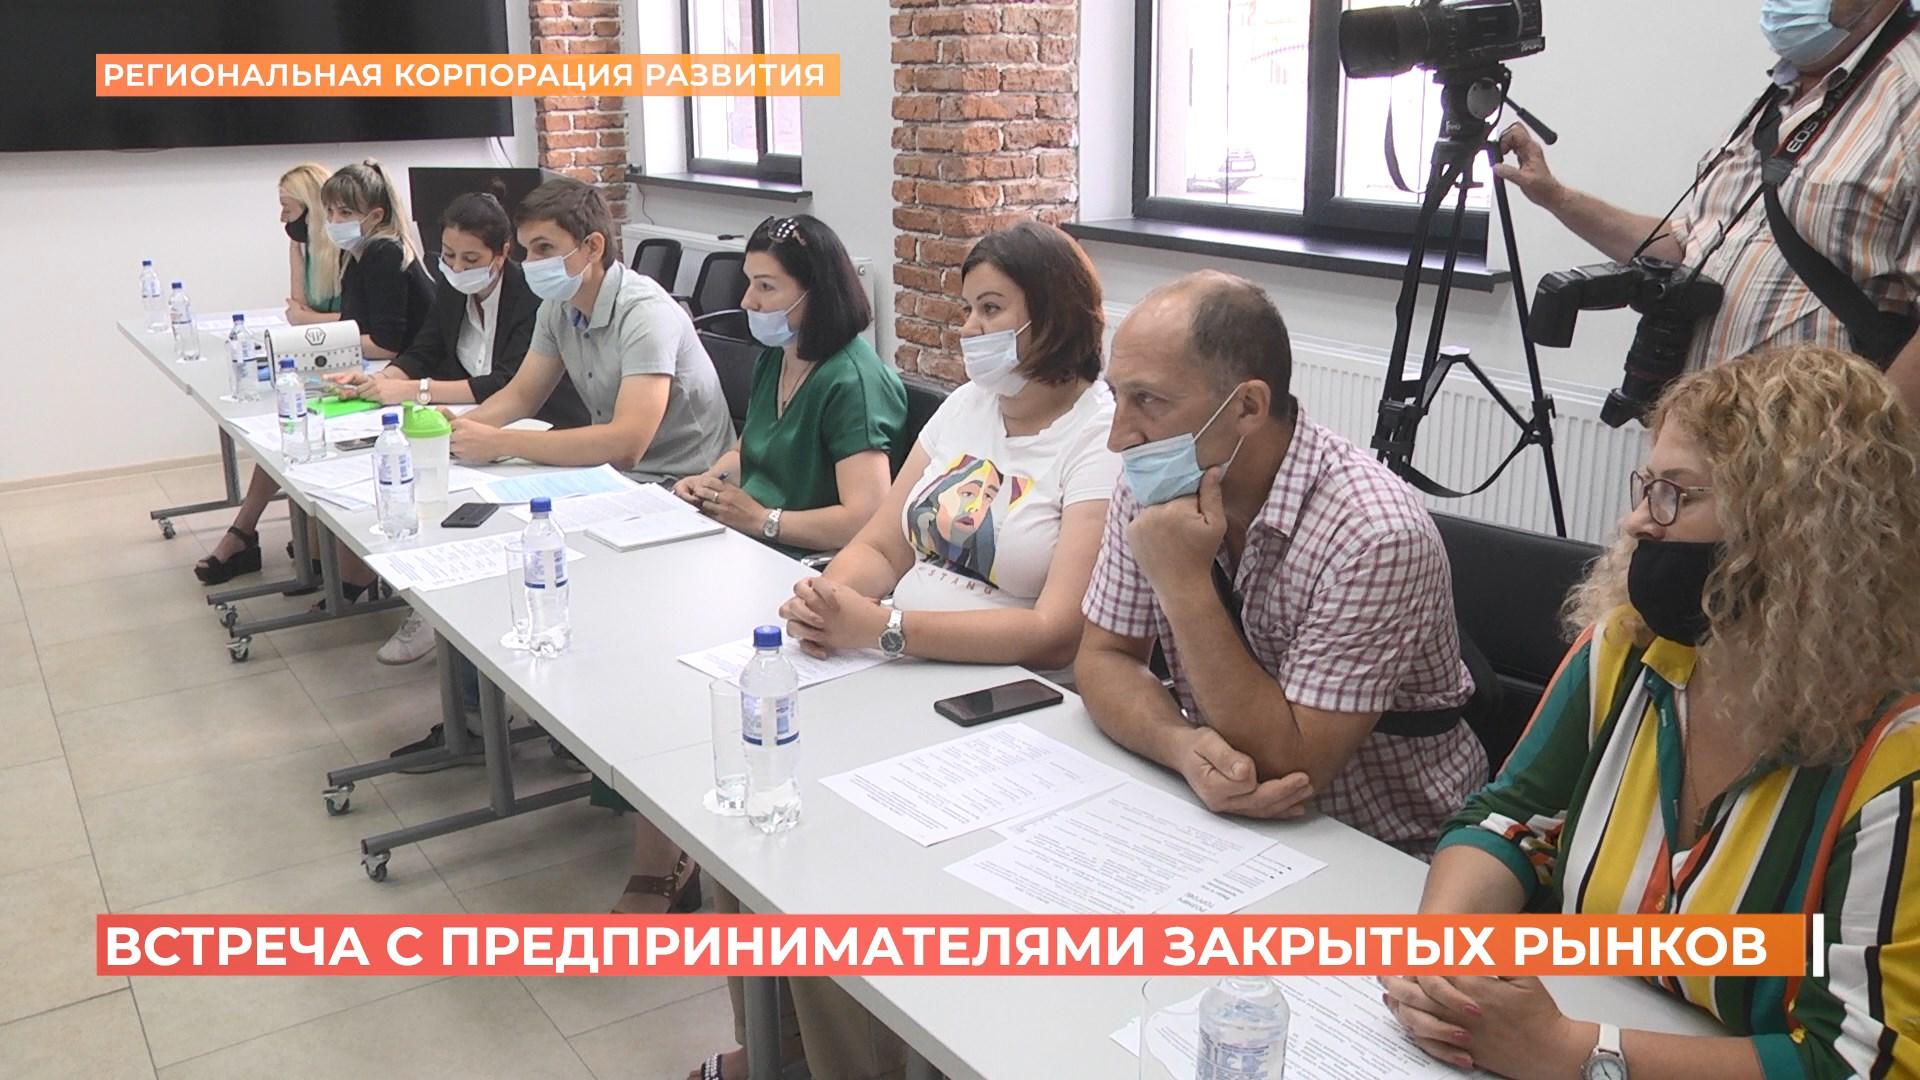 В Ростове прошла встреча представителей правительства региона и бизнесменов с аксайских рынков